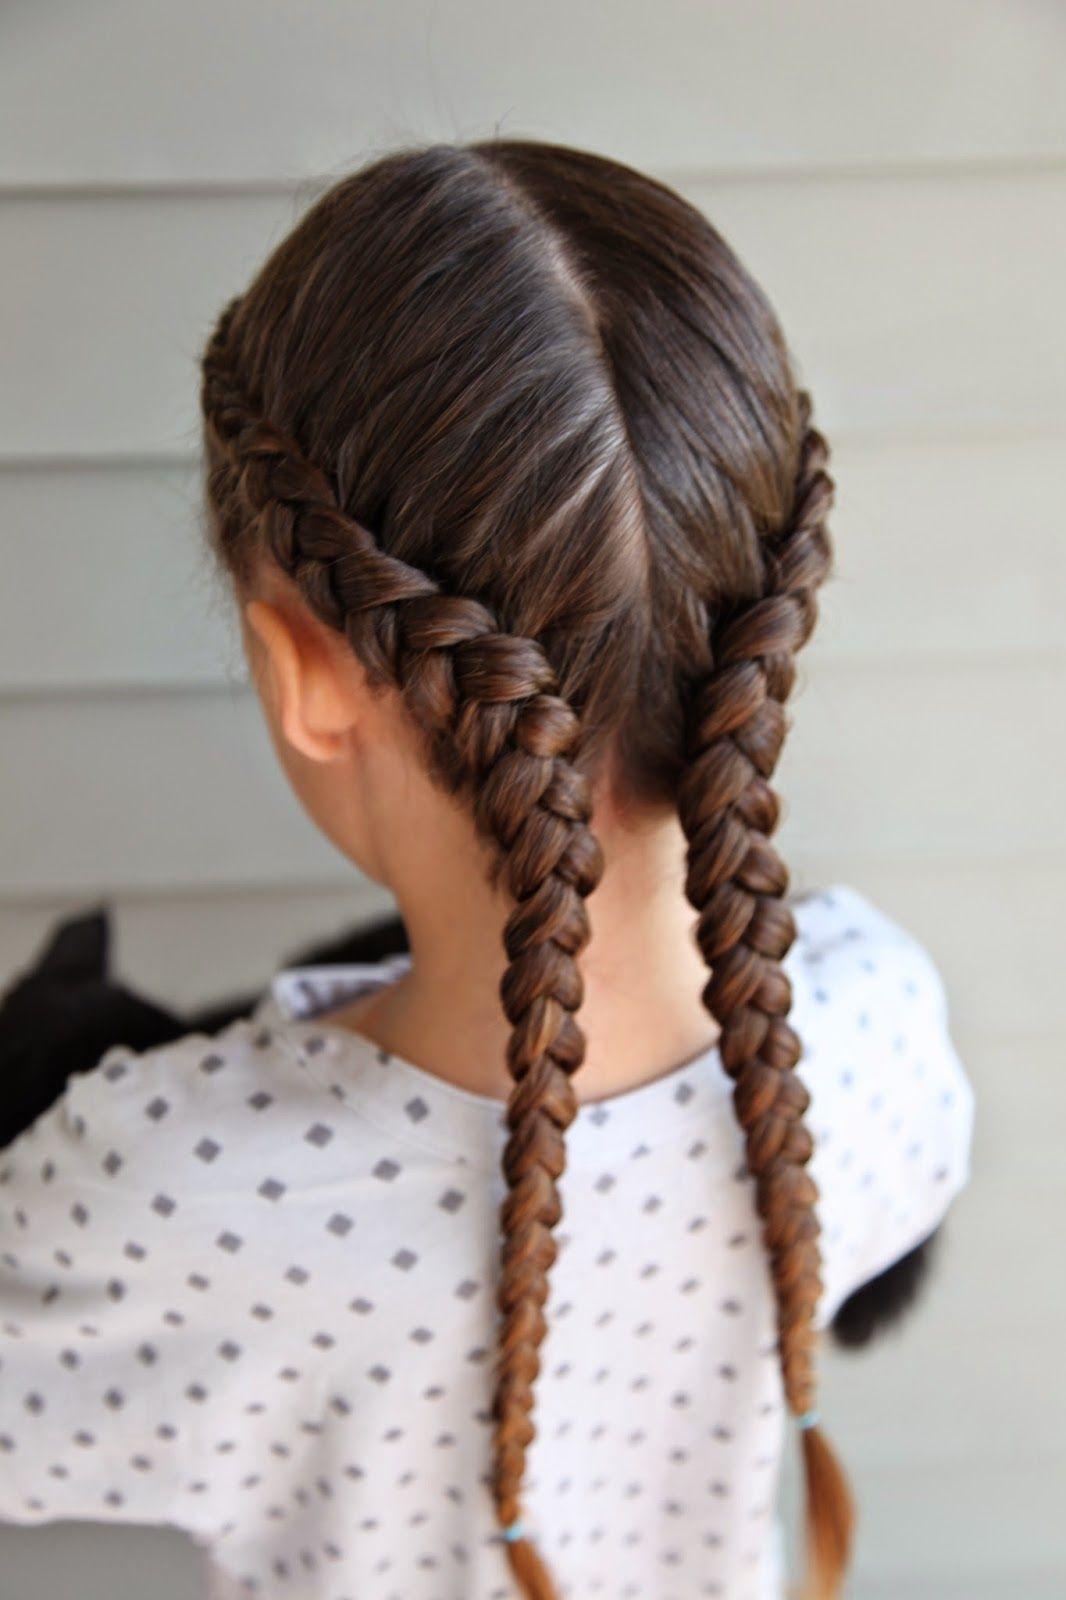 abella's braids braid inspiration